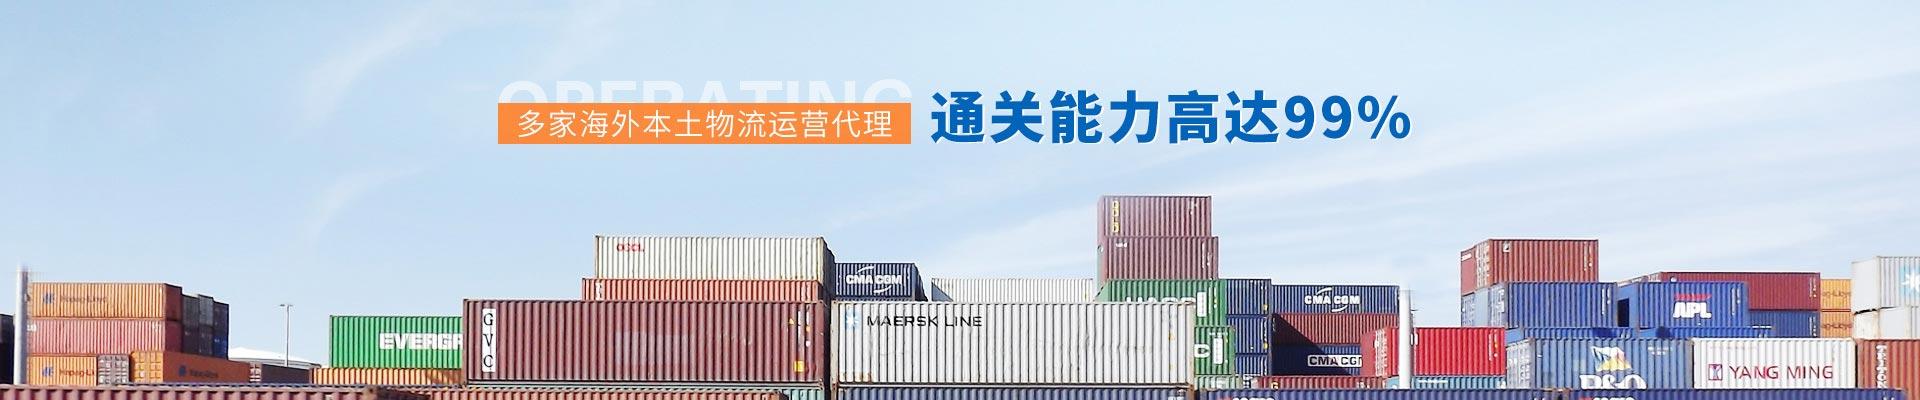 君威-多家海外本土物流运营代理,通关能力高达99%